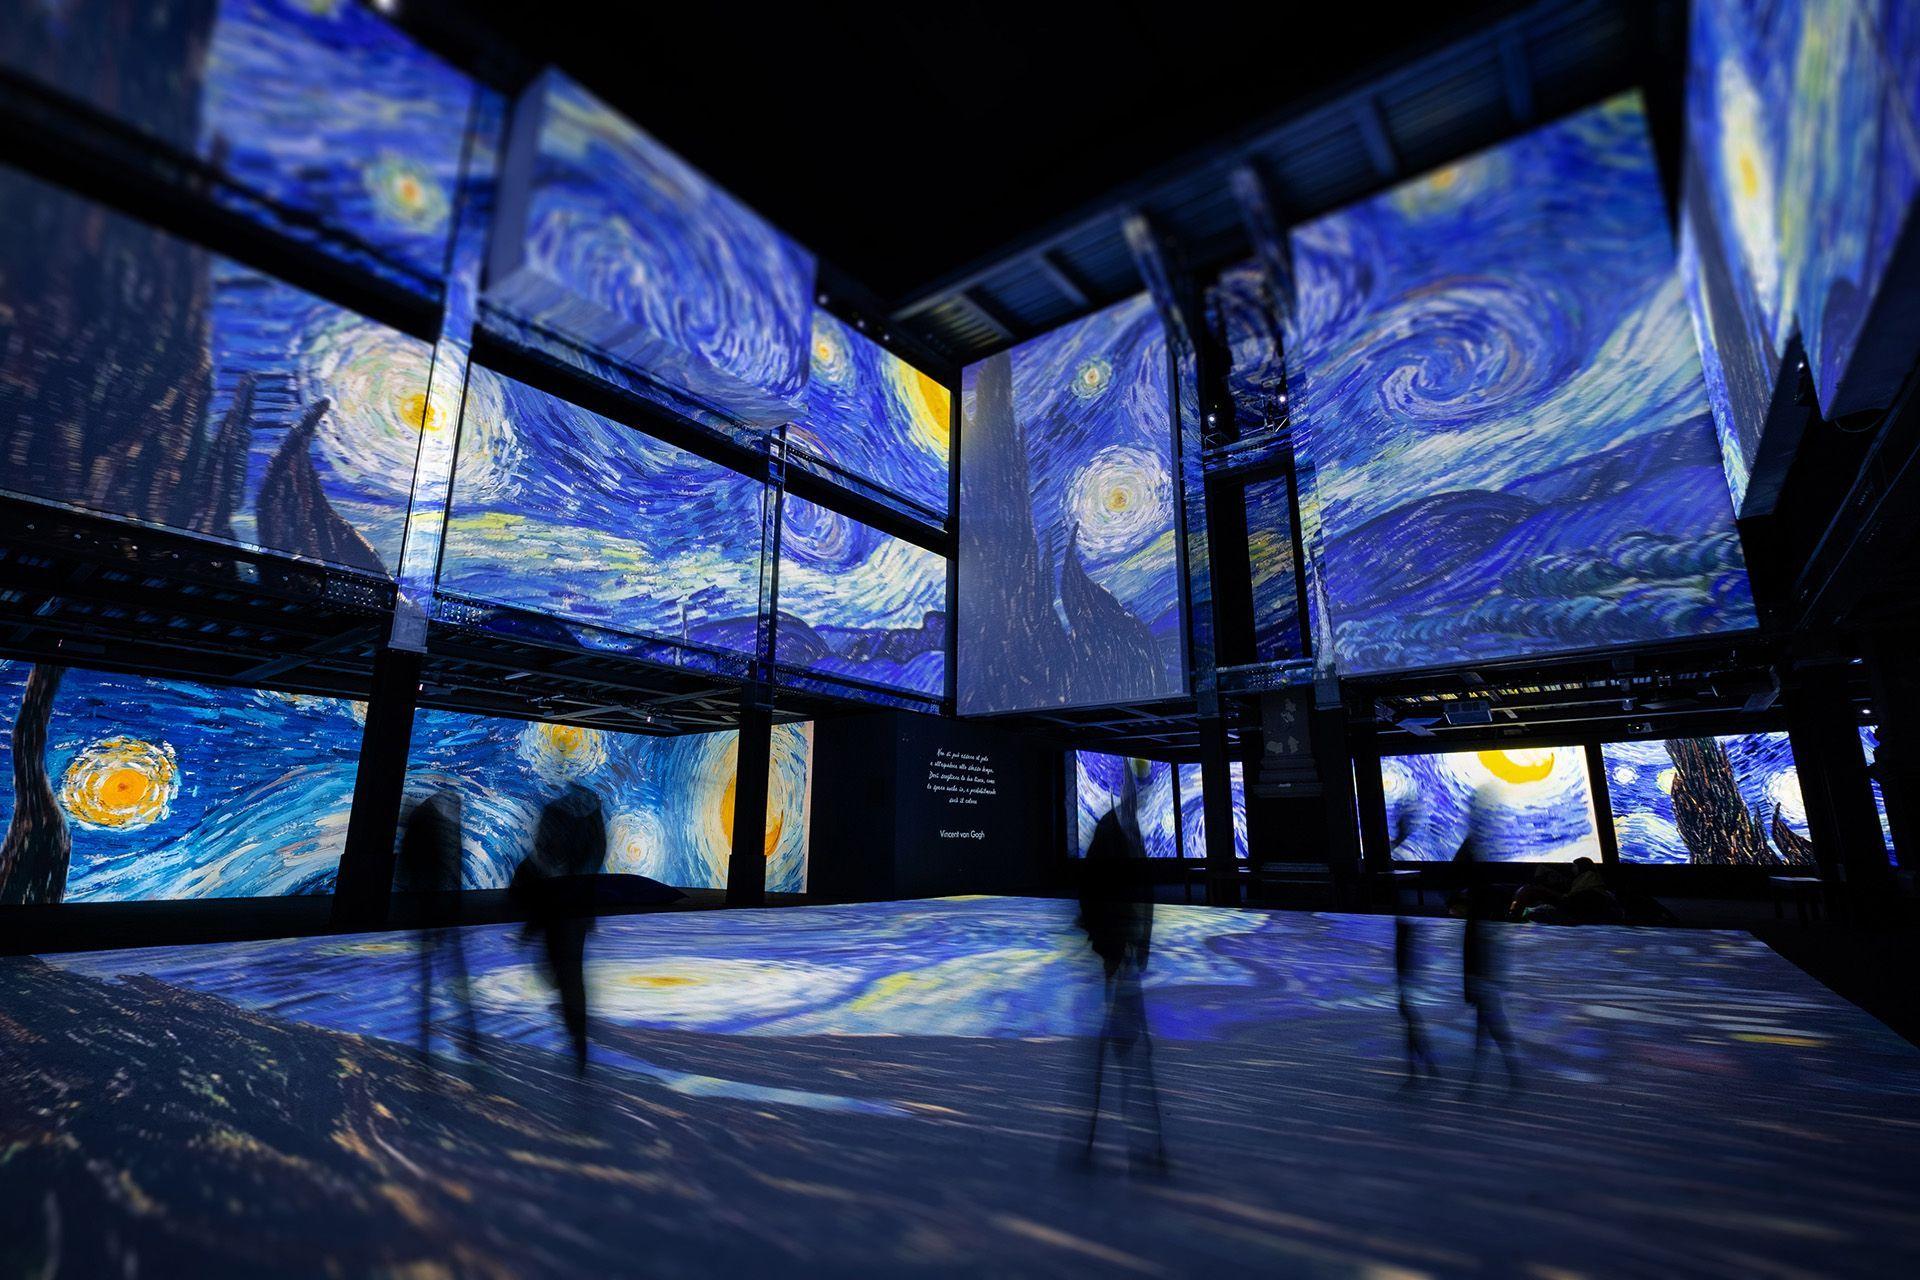 Van Gogh Interactive Exhibition Van Gogh Exhibition Starry Night Van Gogh Van Gogh